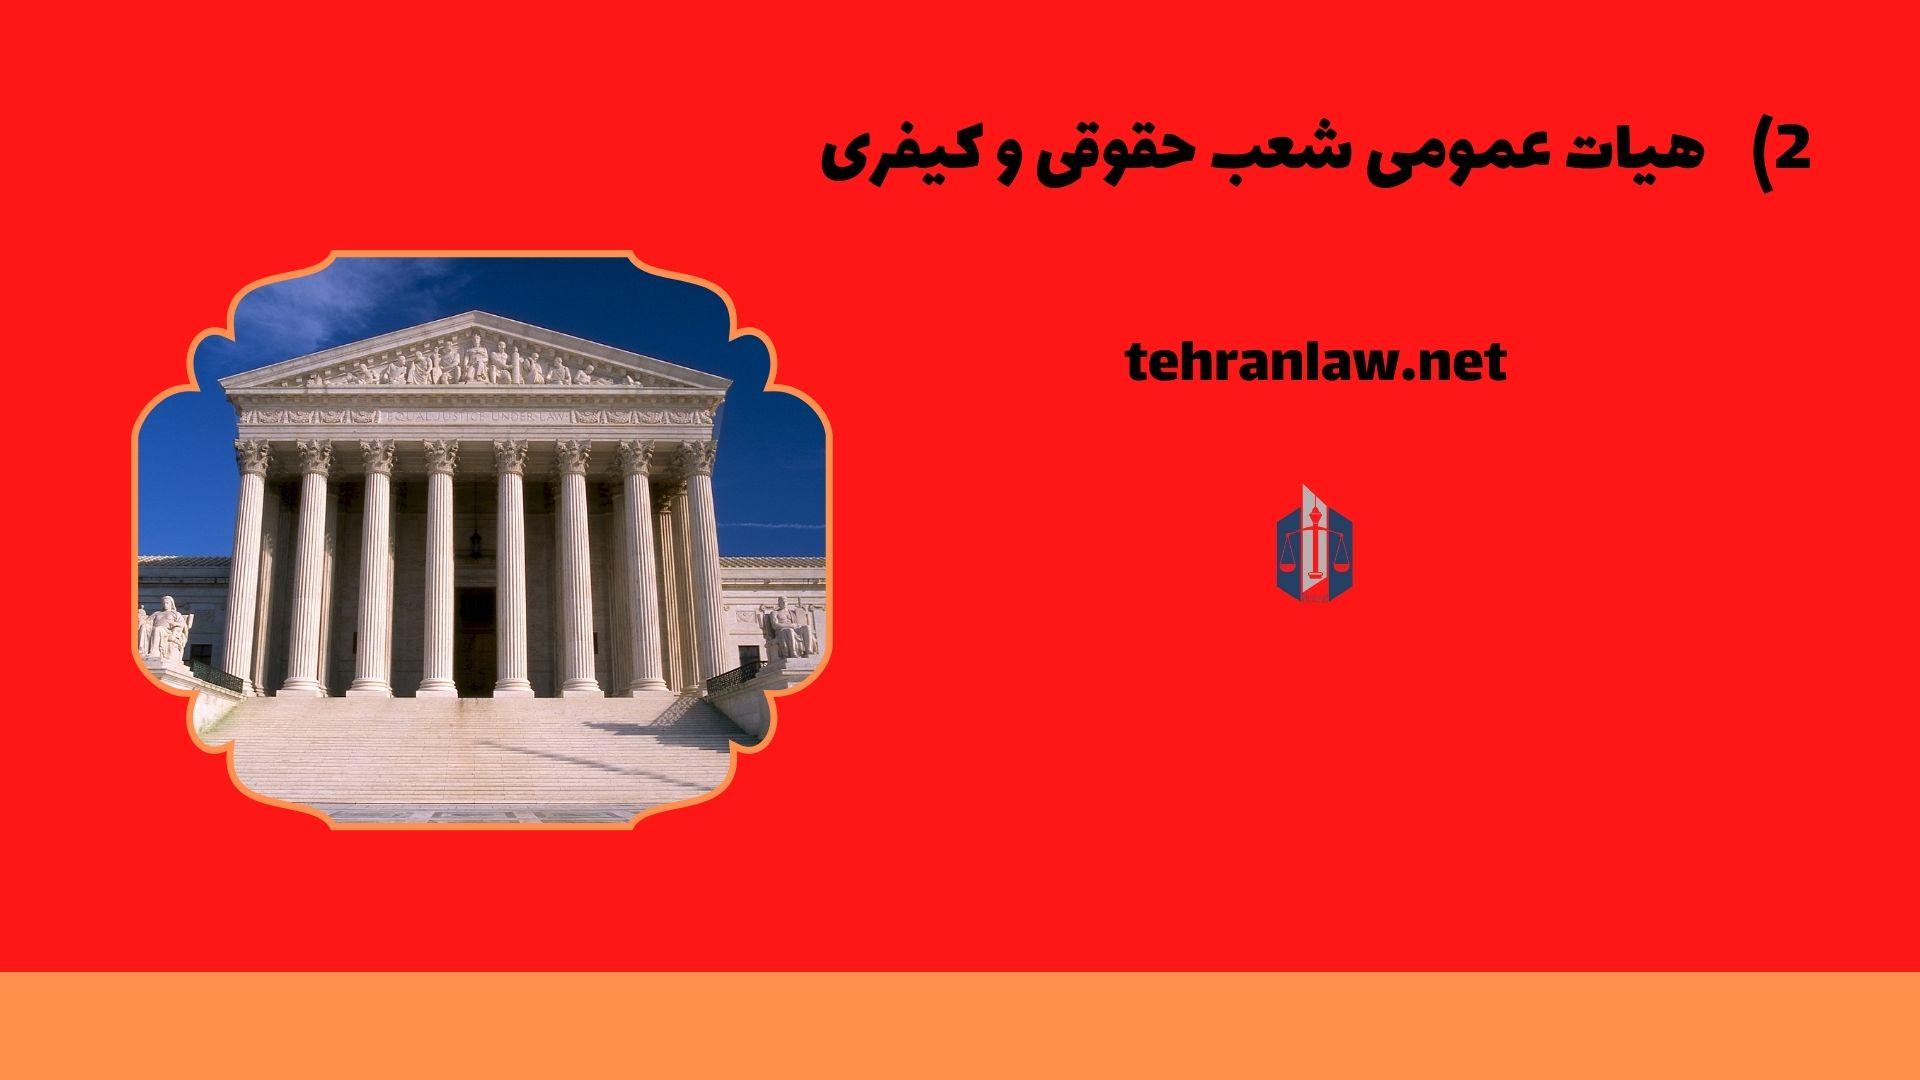 هیات عمومی شعب حقوقی و کیفری